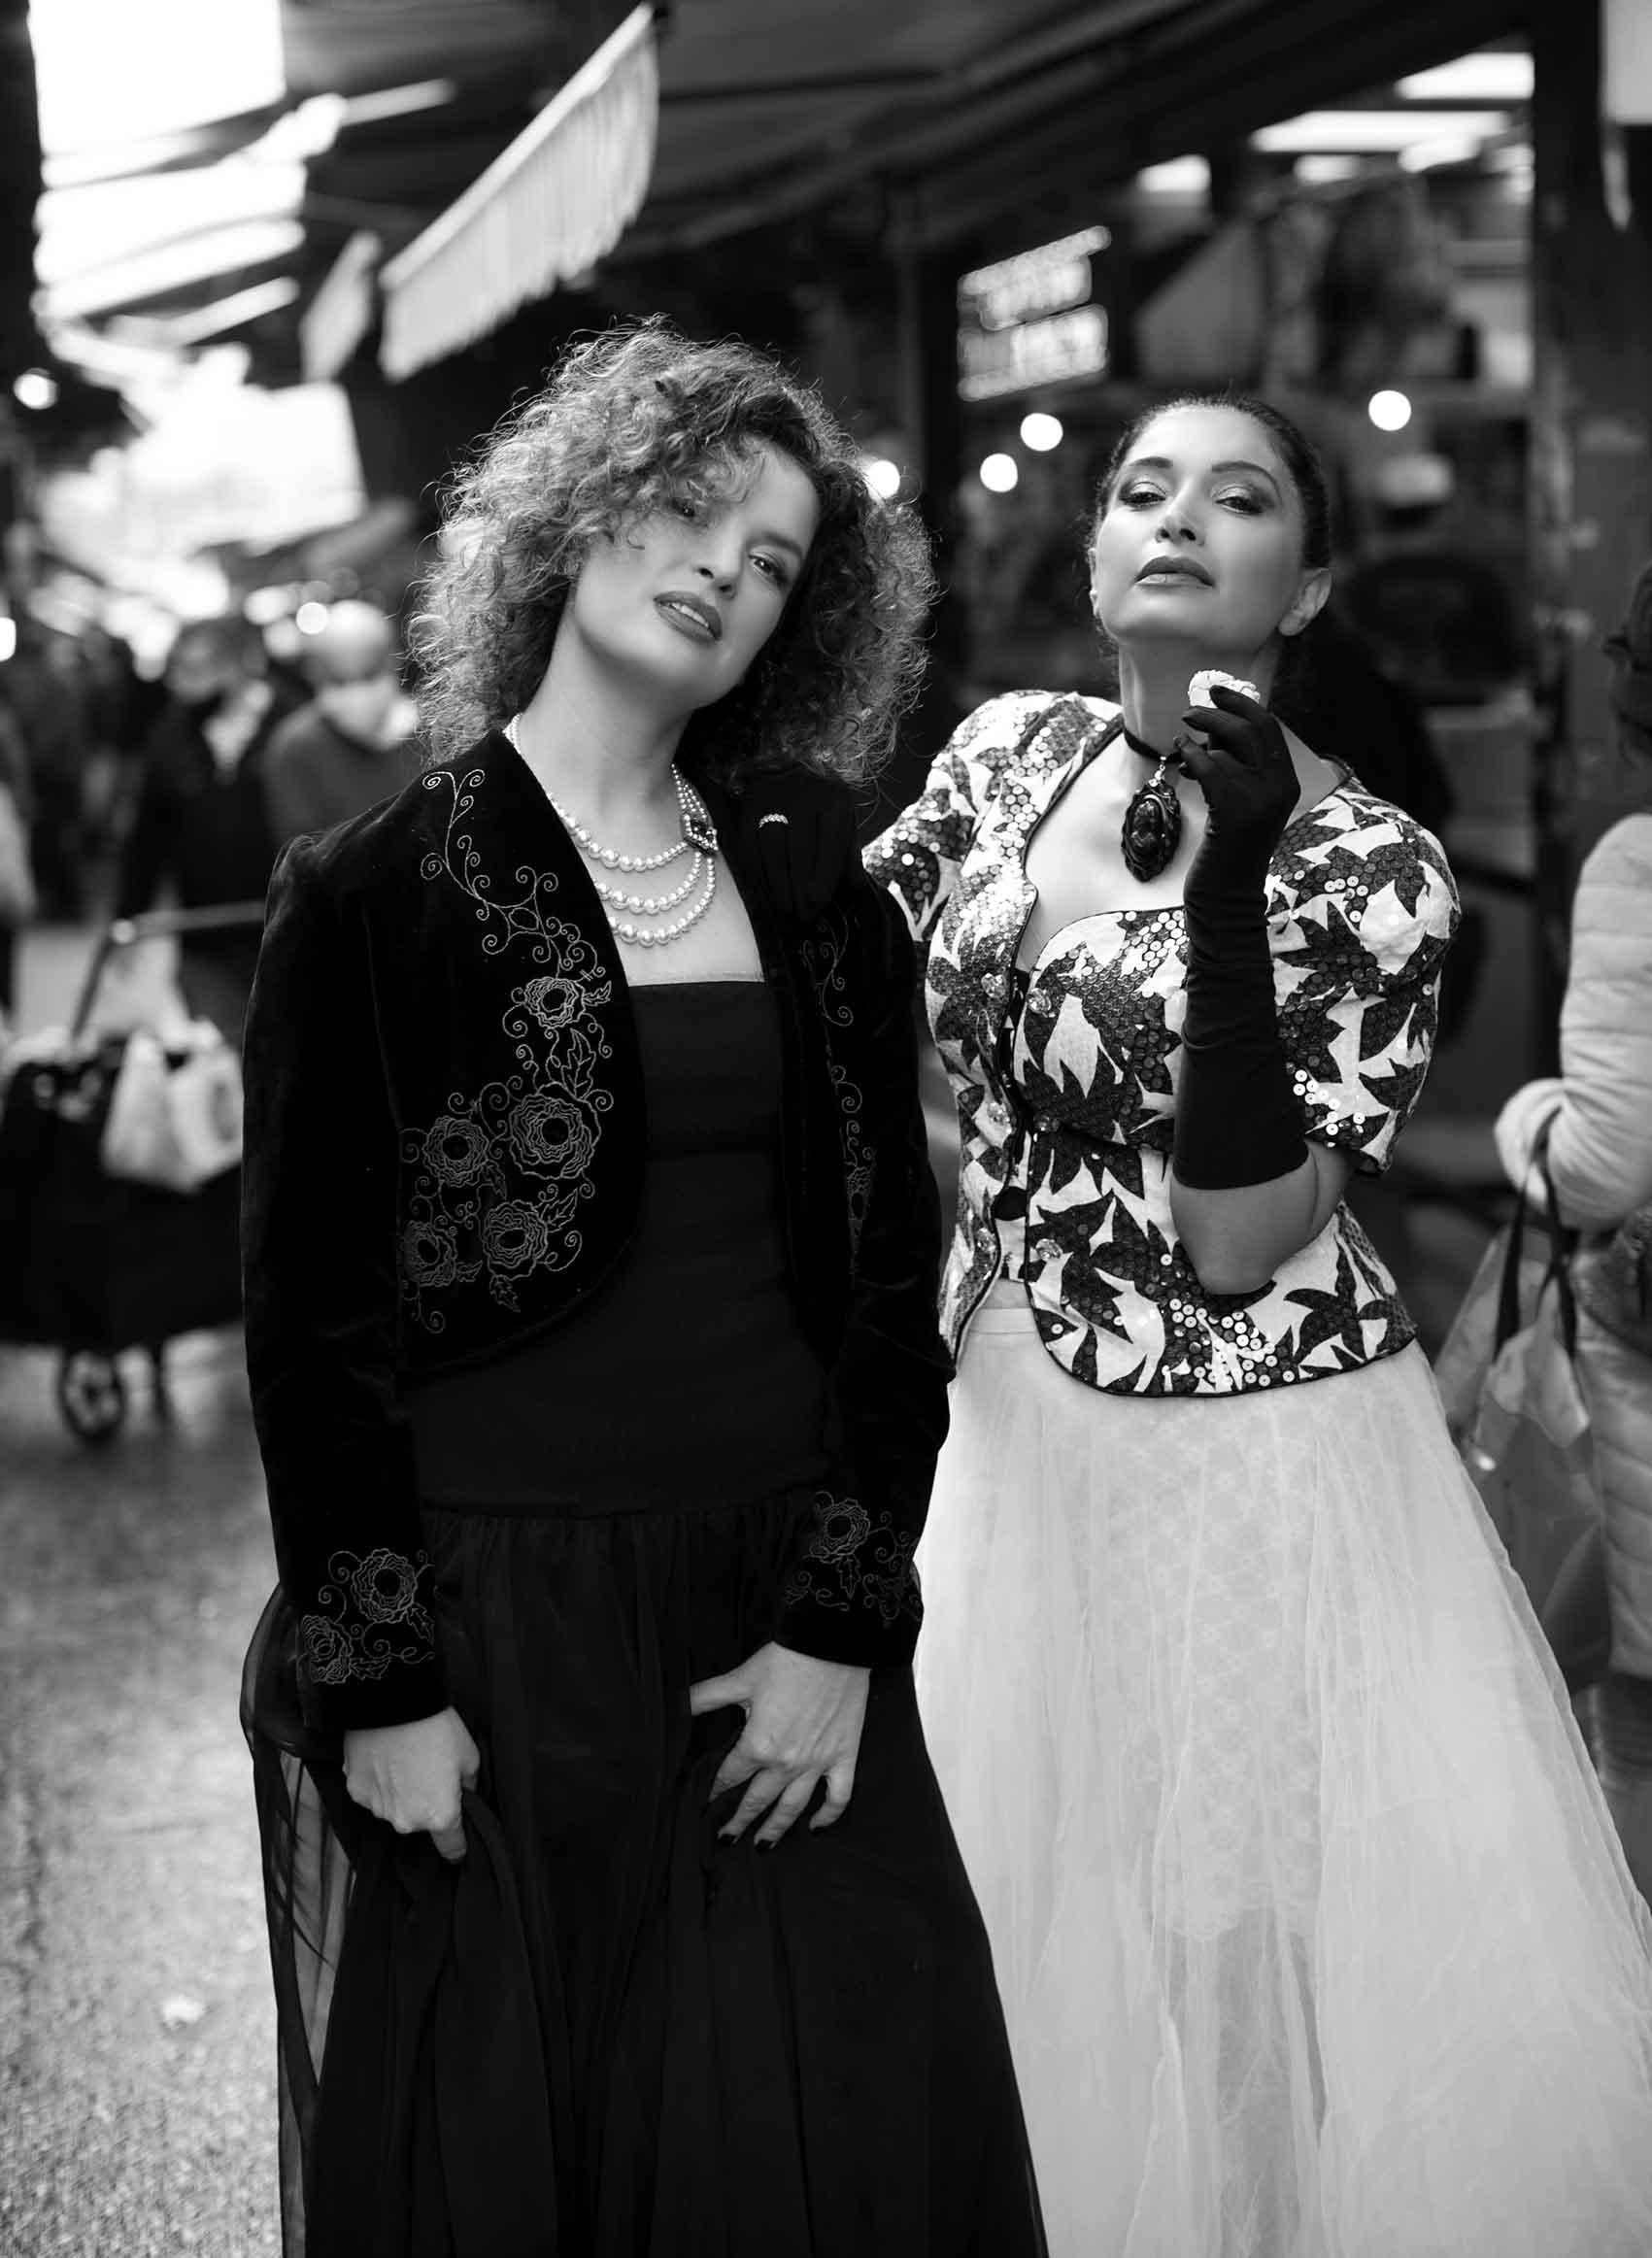 """הפקות_אופנה_צלמת : ענת קזולה - צלמת אופנה. מודליסטיות: מאיה אושרי כהן - גורו הוינטג׳. הילה """"תלתלים"""" לוי - בלוגרית האופנה והלייף סטייל. מאפר: מיכאל צבייגנבאום. סטיילינג : לוני וינטג', בטי בארץ הוינטג׳_מגזין_דיגיטלי"""